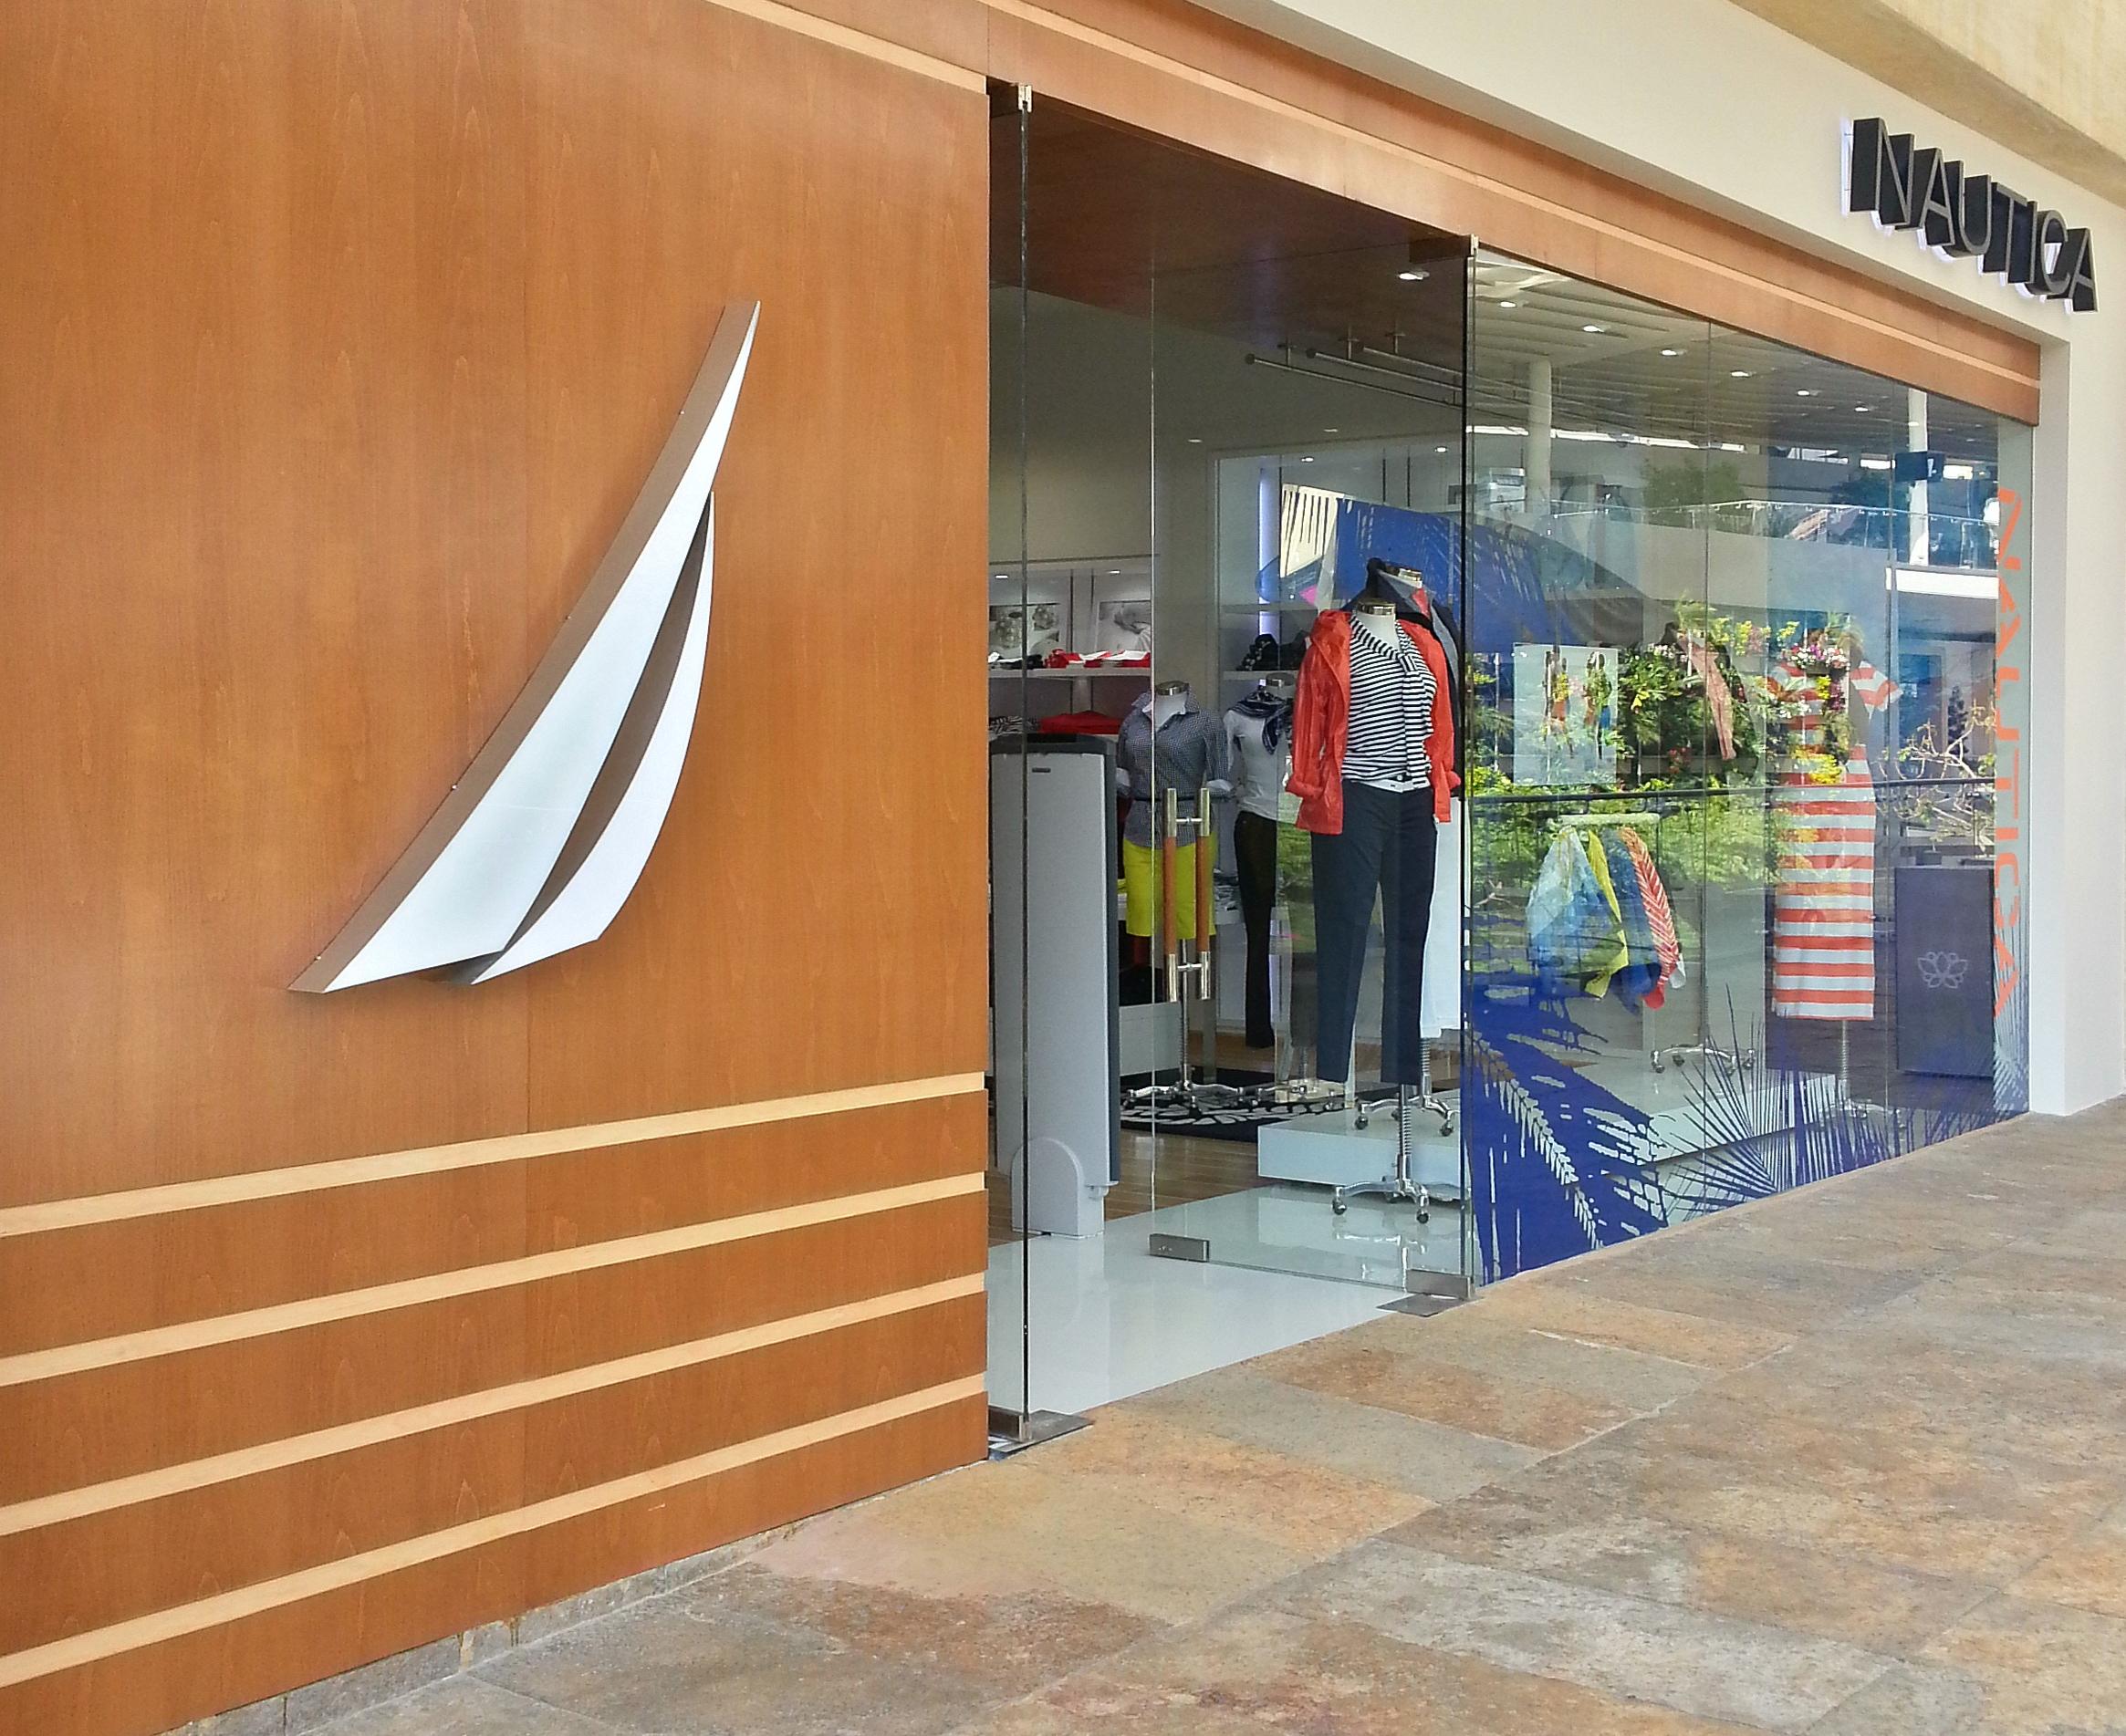 NAUTICA.Fachada - Nautica inaugurará su quinta tienda en el centro comercial Parque La Colina